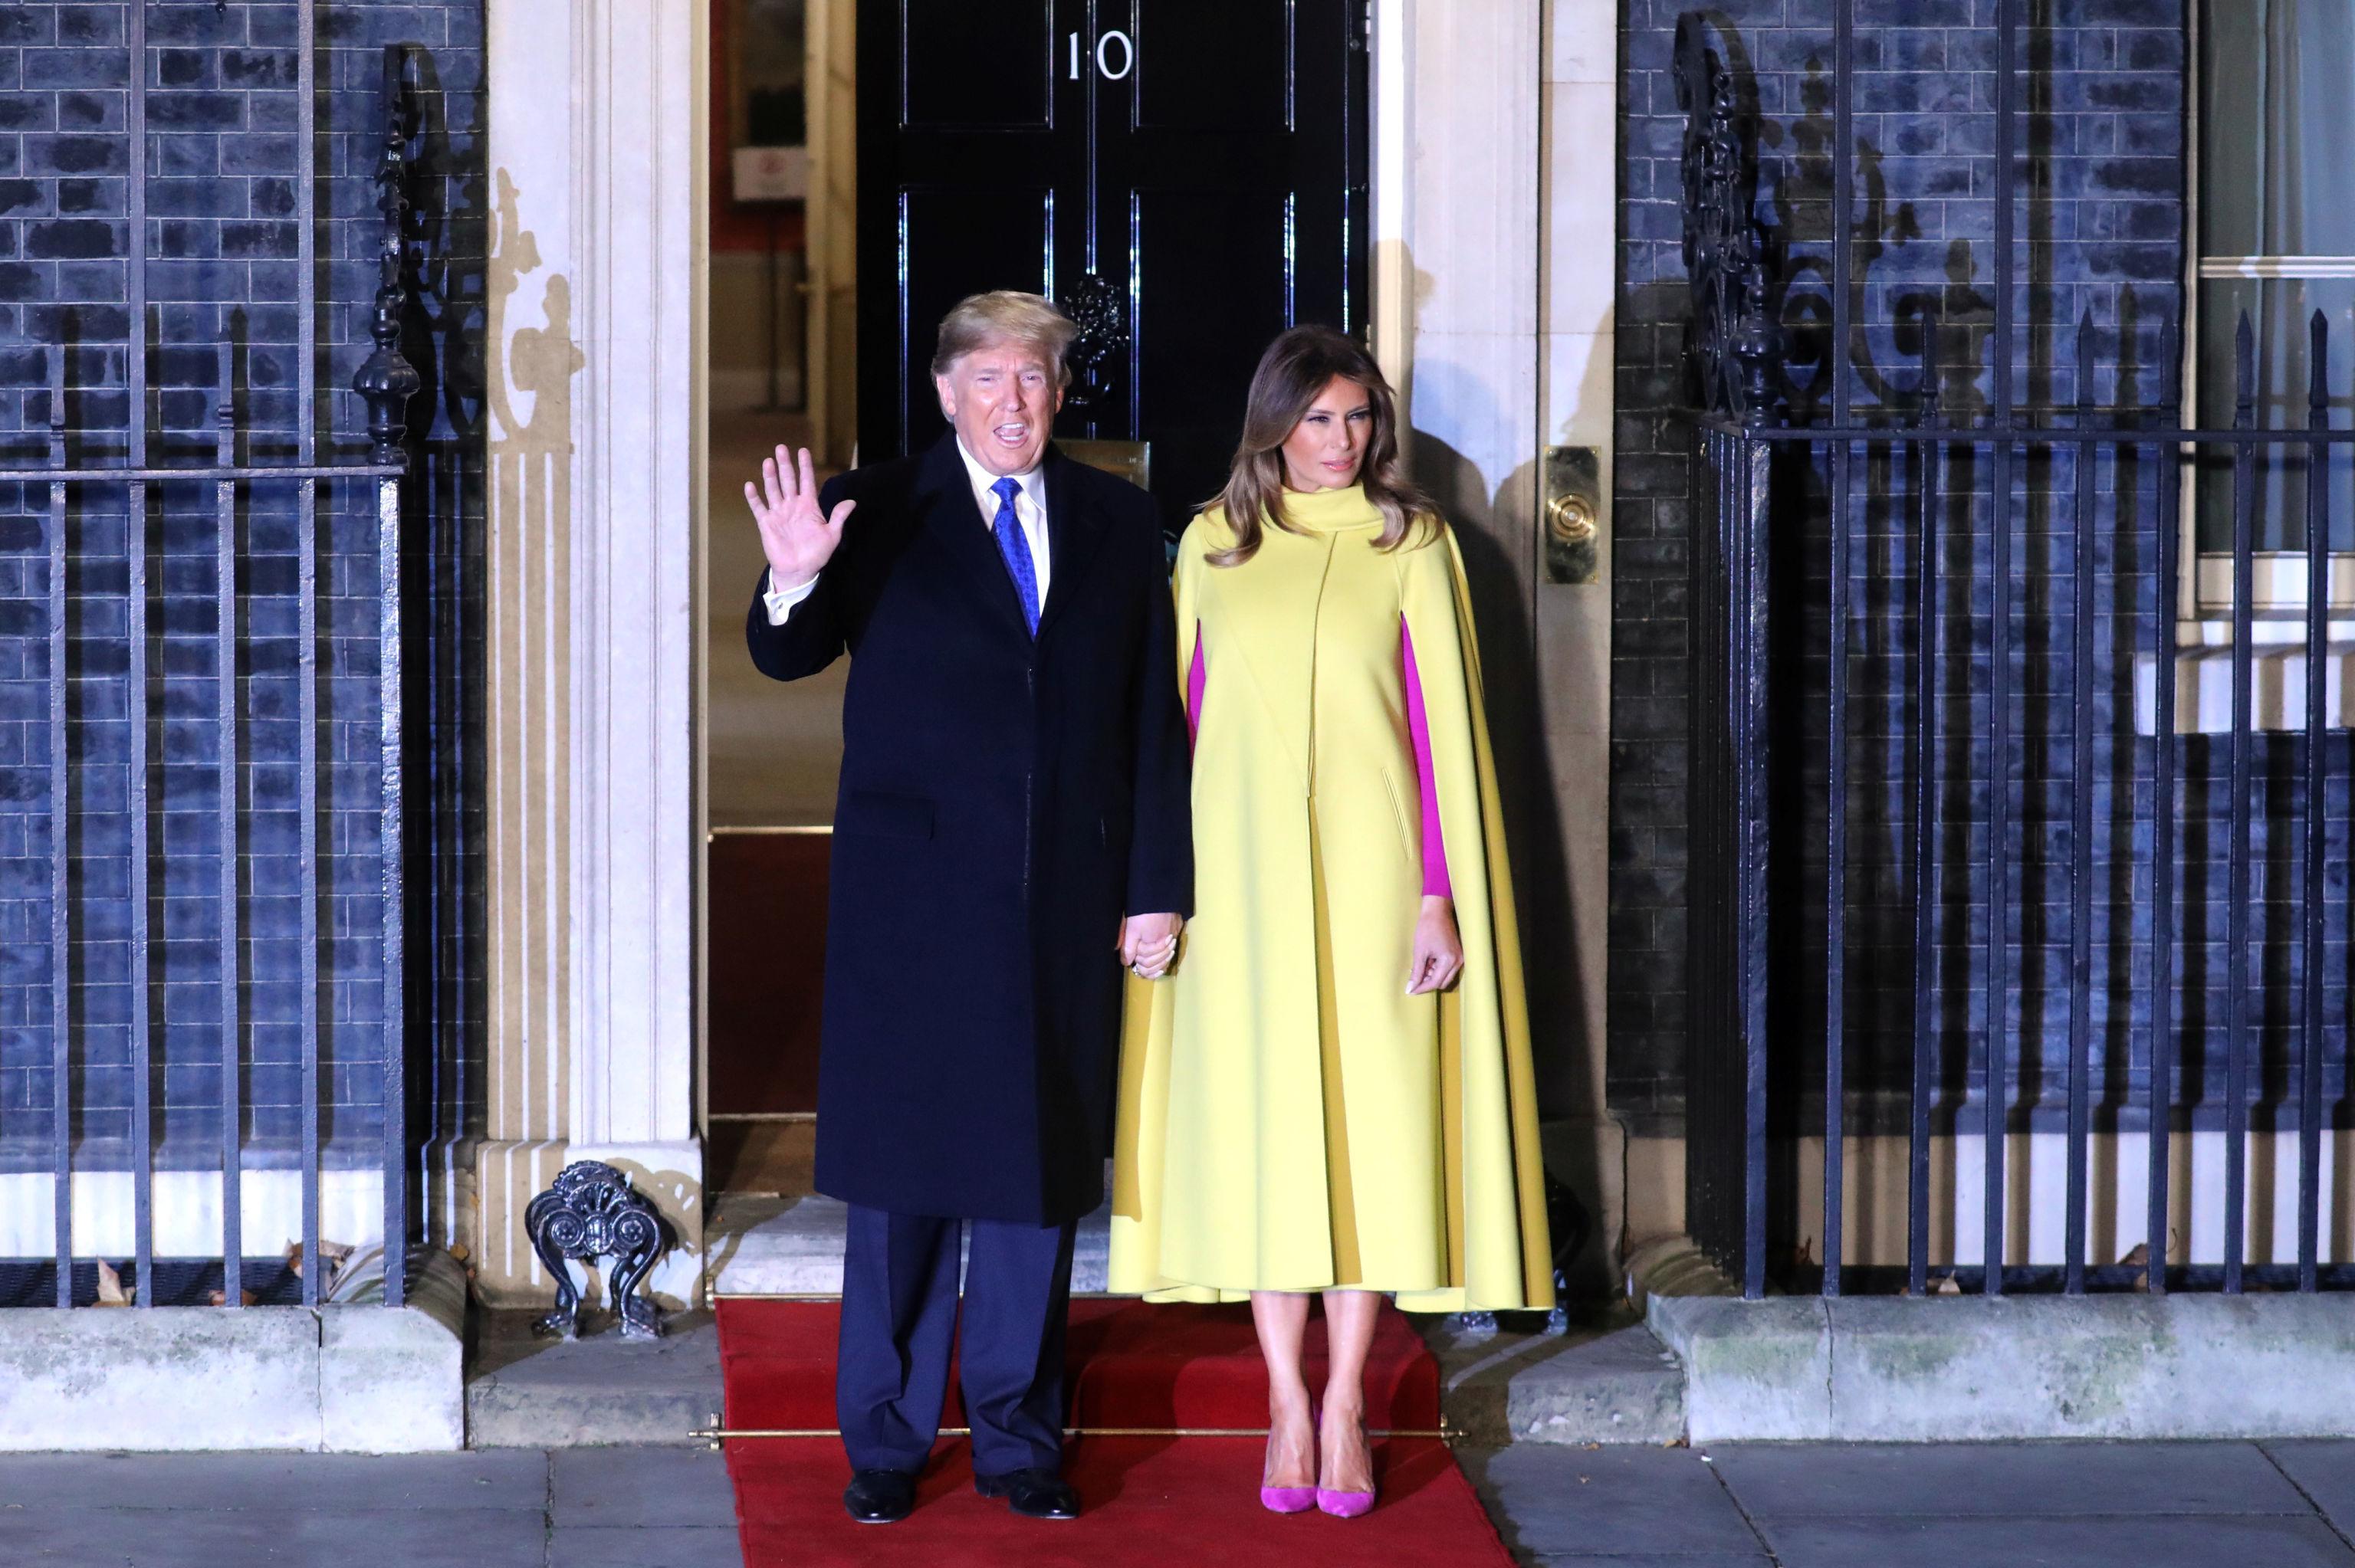 El presidente de EEUU Donald Trump junto a la primera dama Melania Trump a su llegada a la recepción en Downing Street por el aniversario 70 de la OTAN